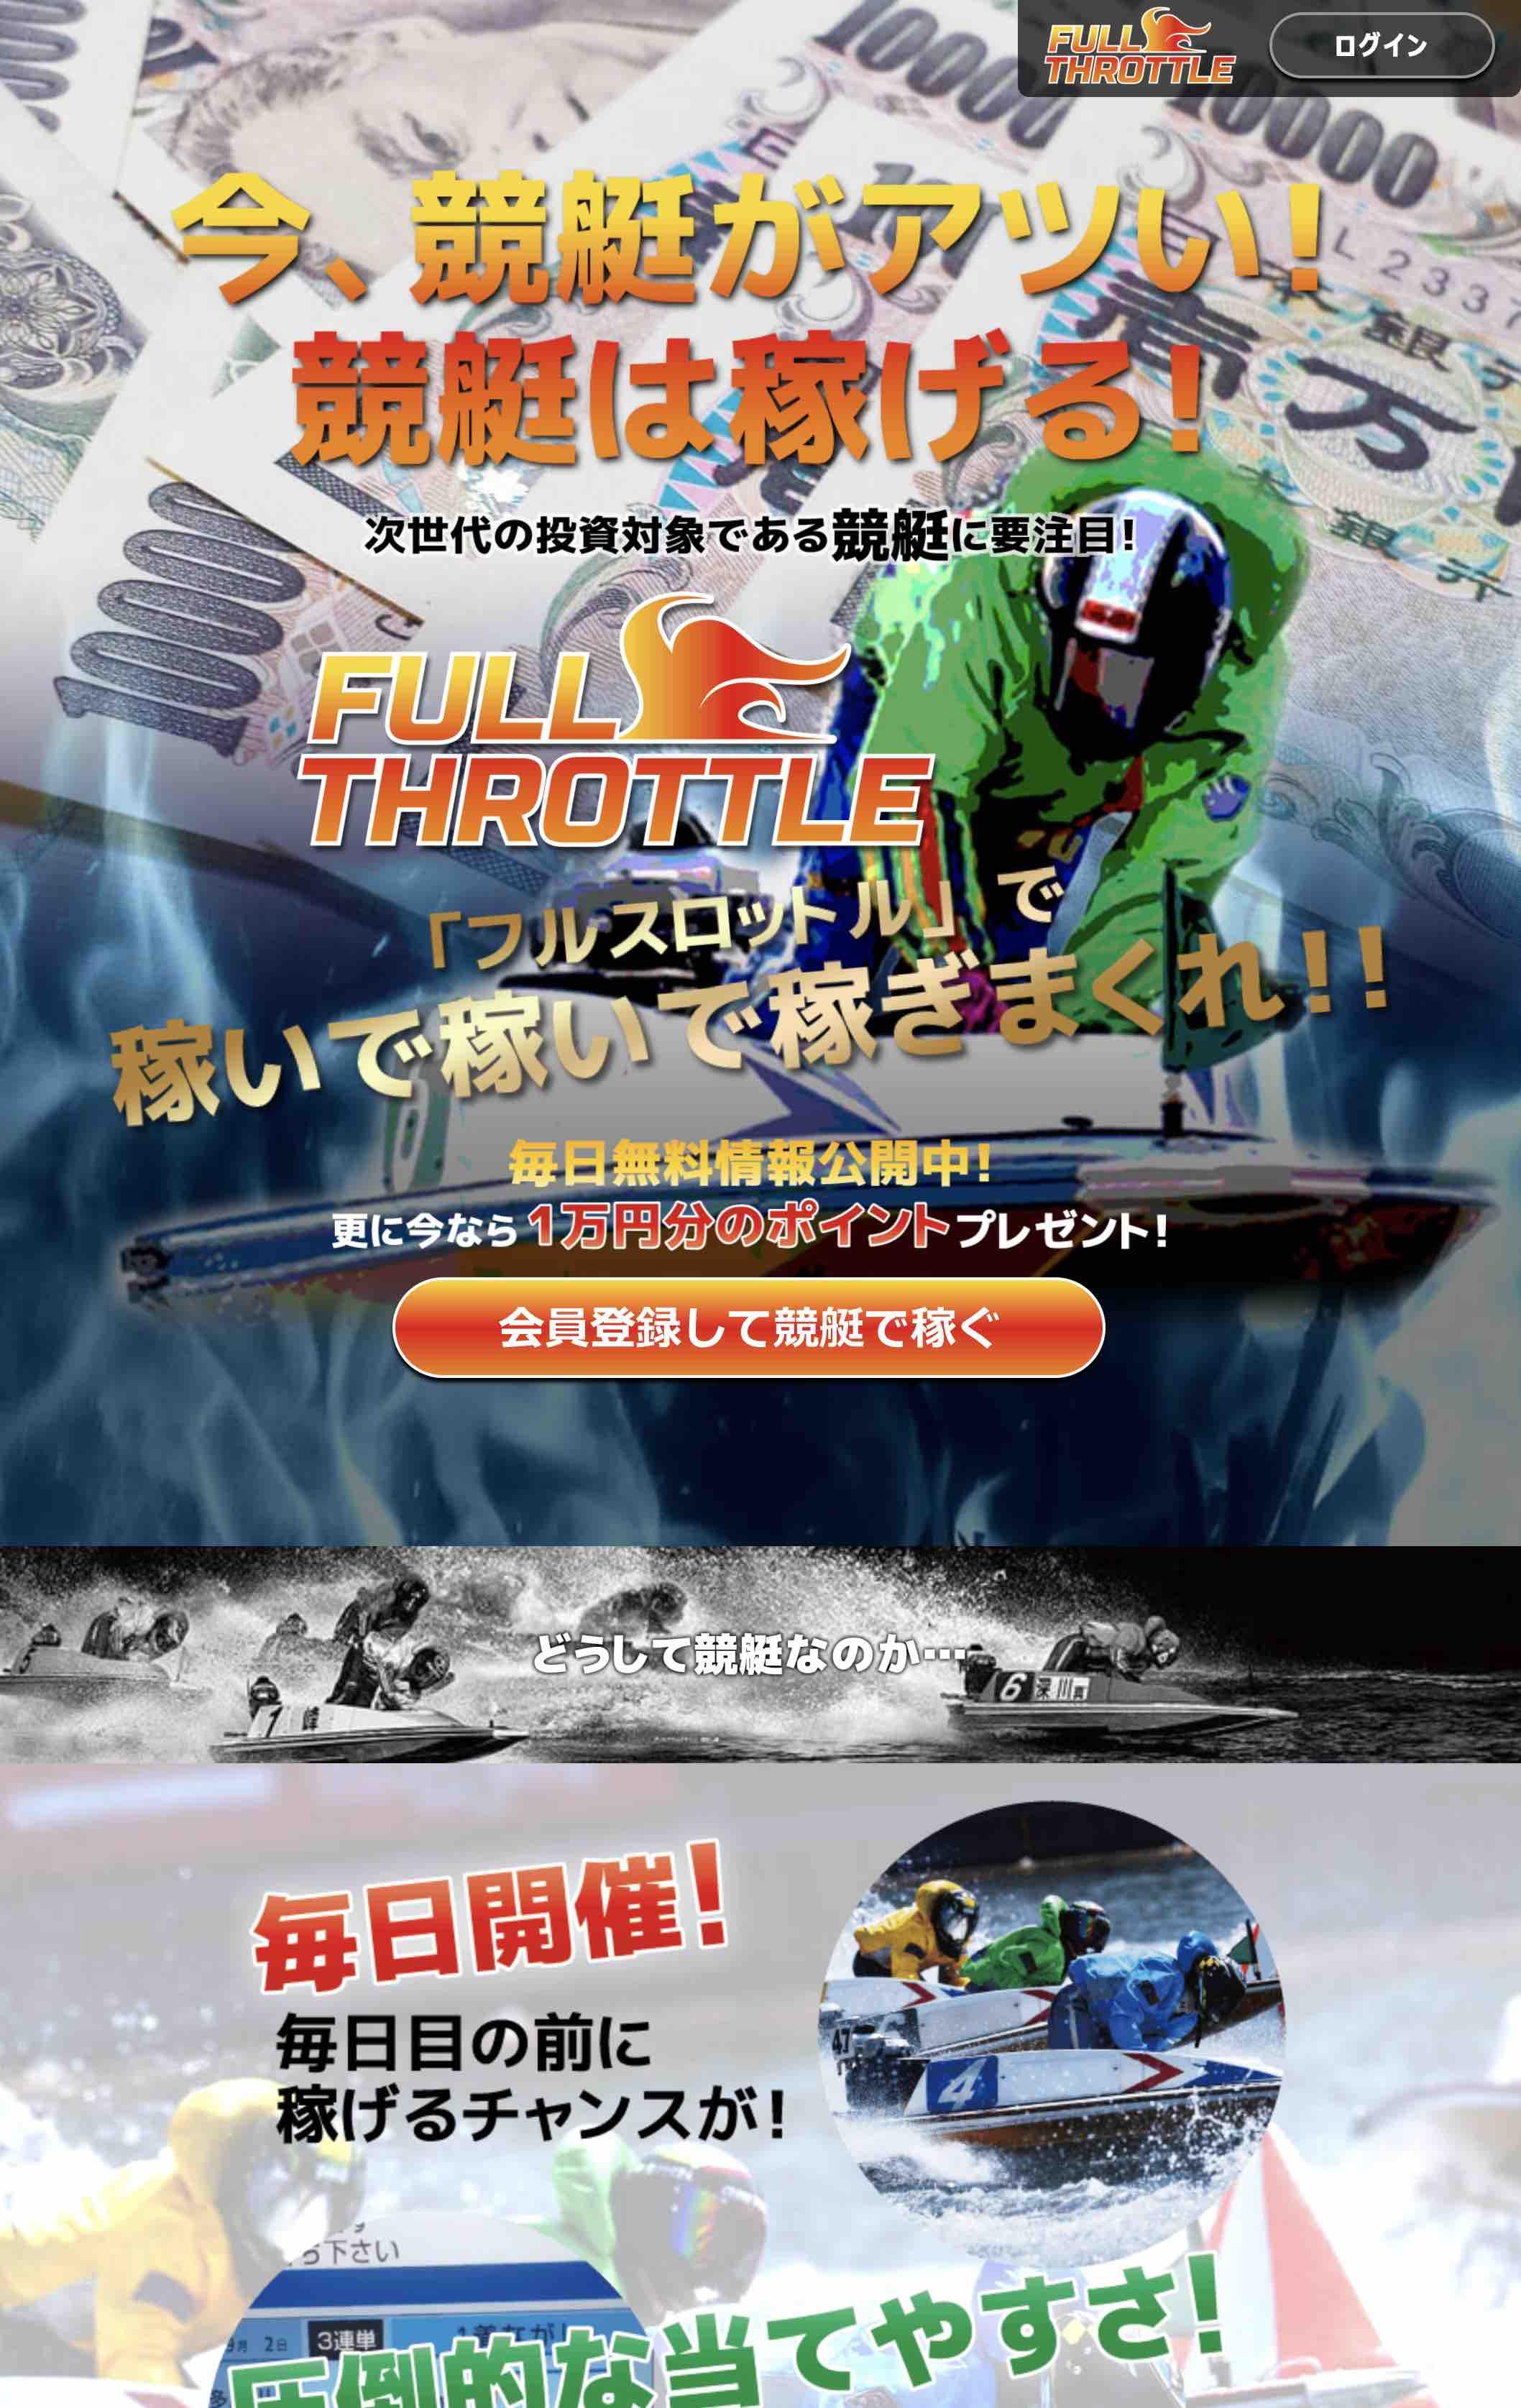 フルスロットルという競艇予想サイト(ボートレース予想)の非会員ページ